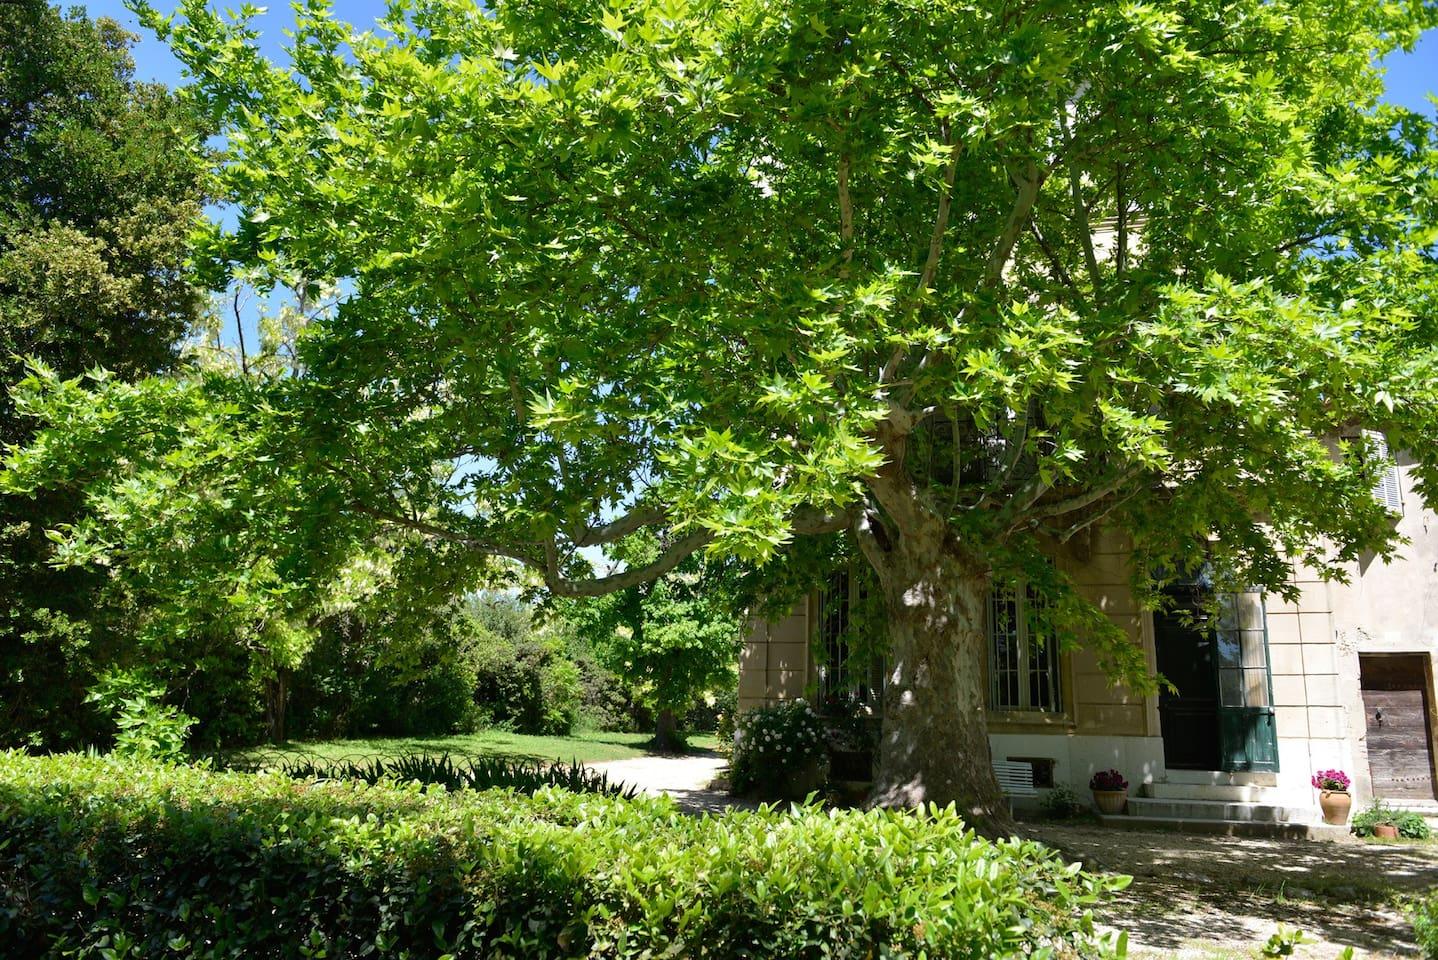 Les platanes devant la maison